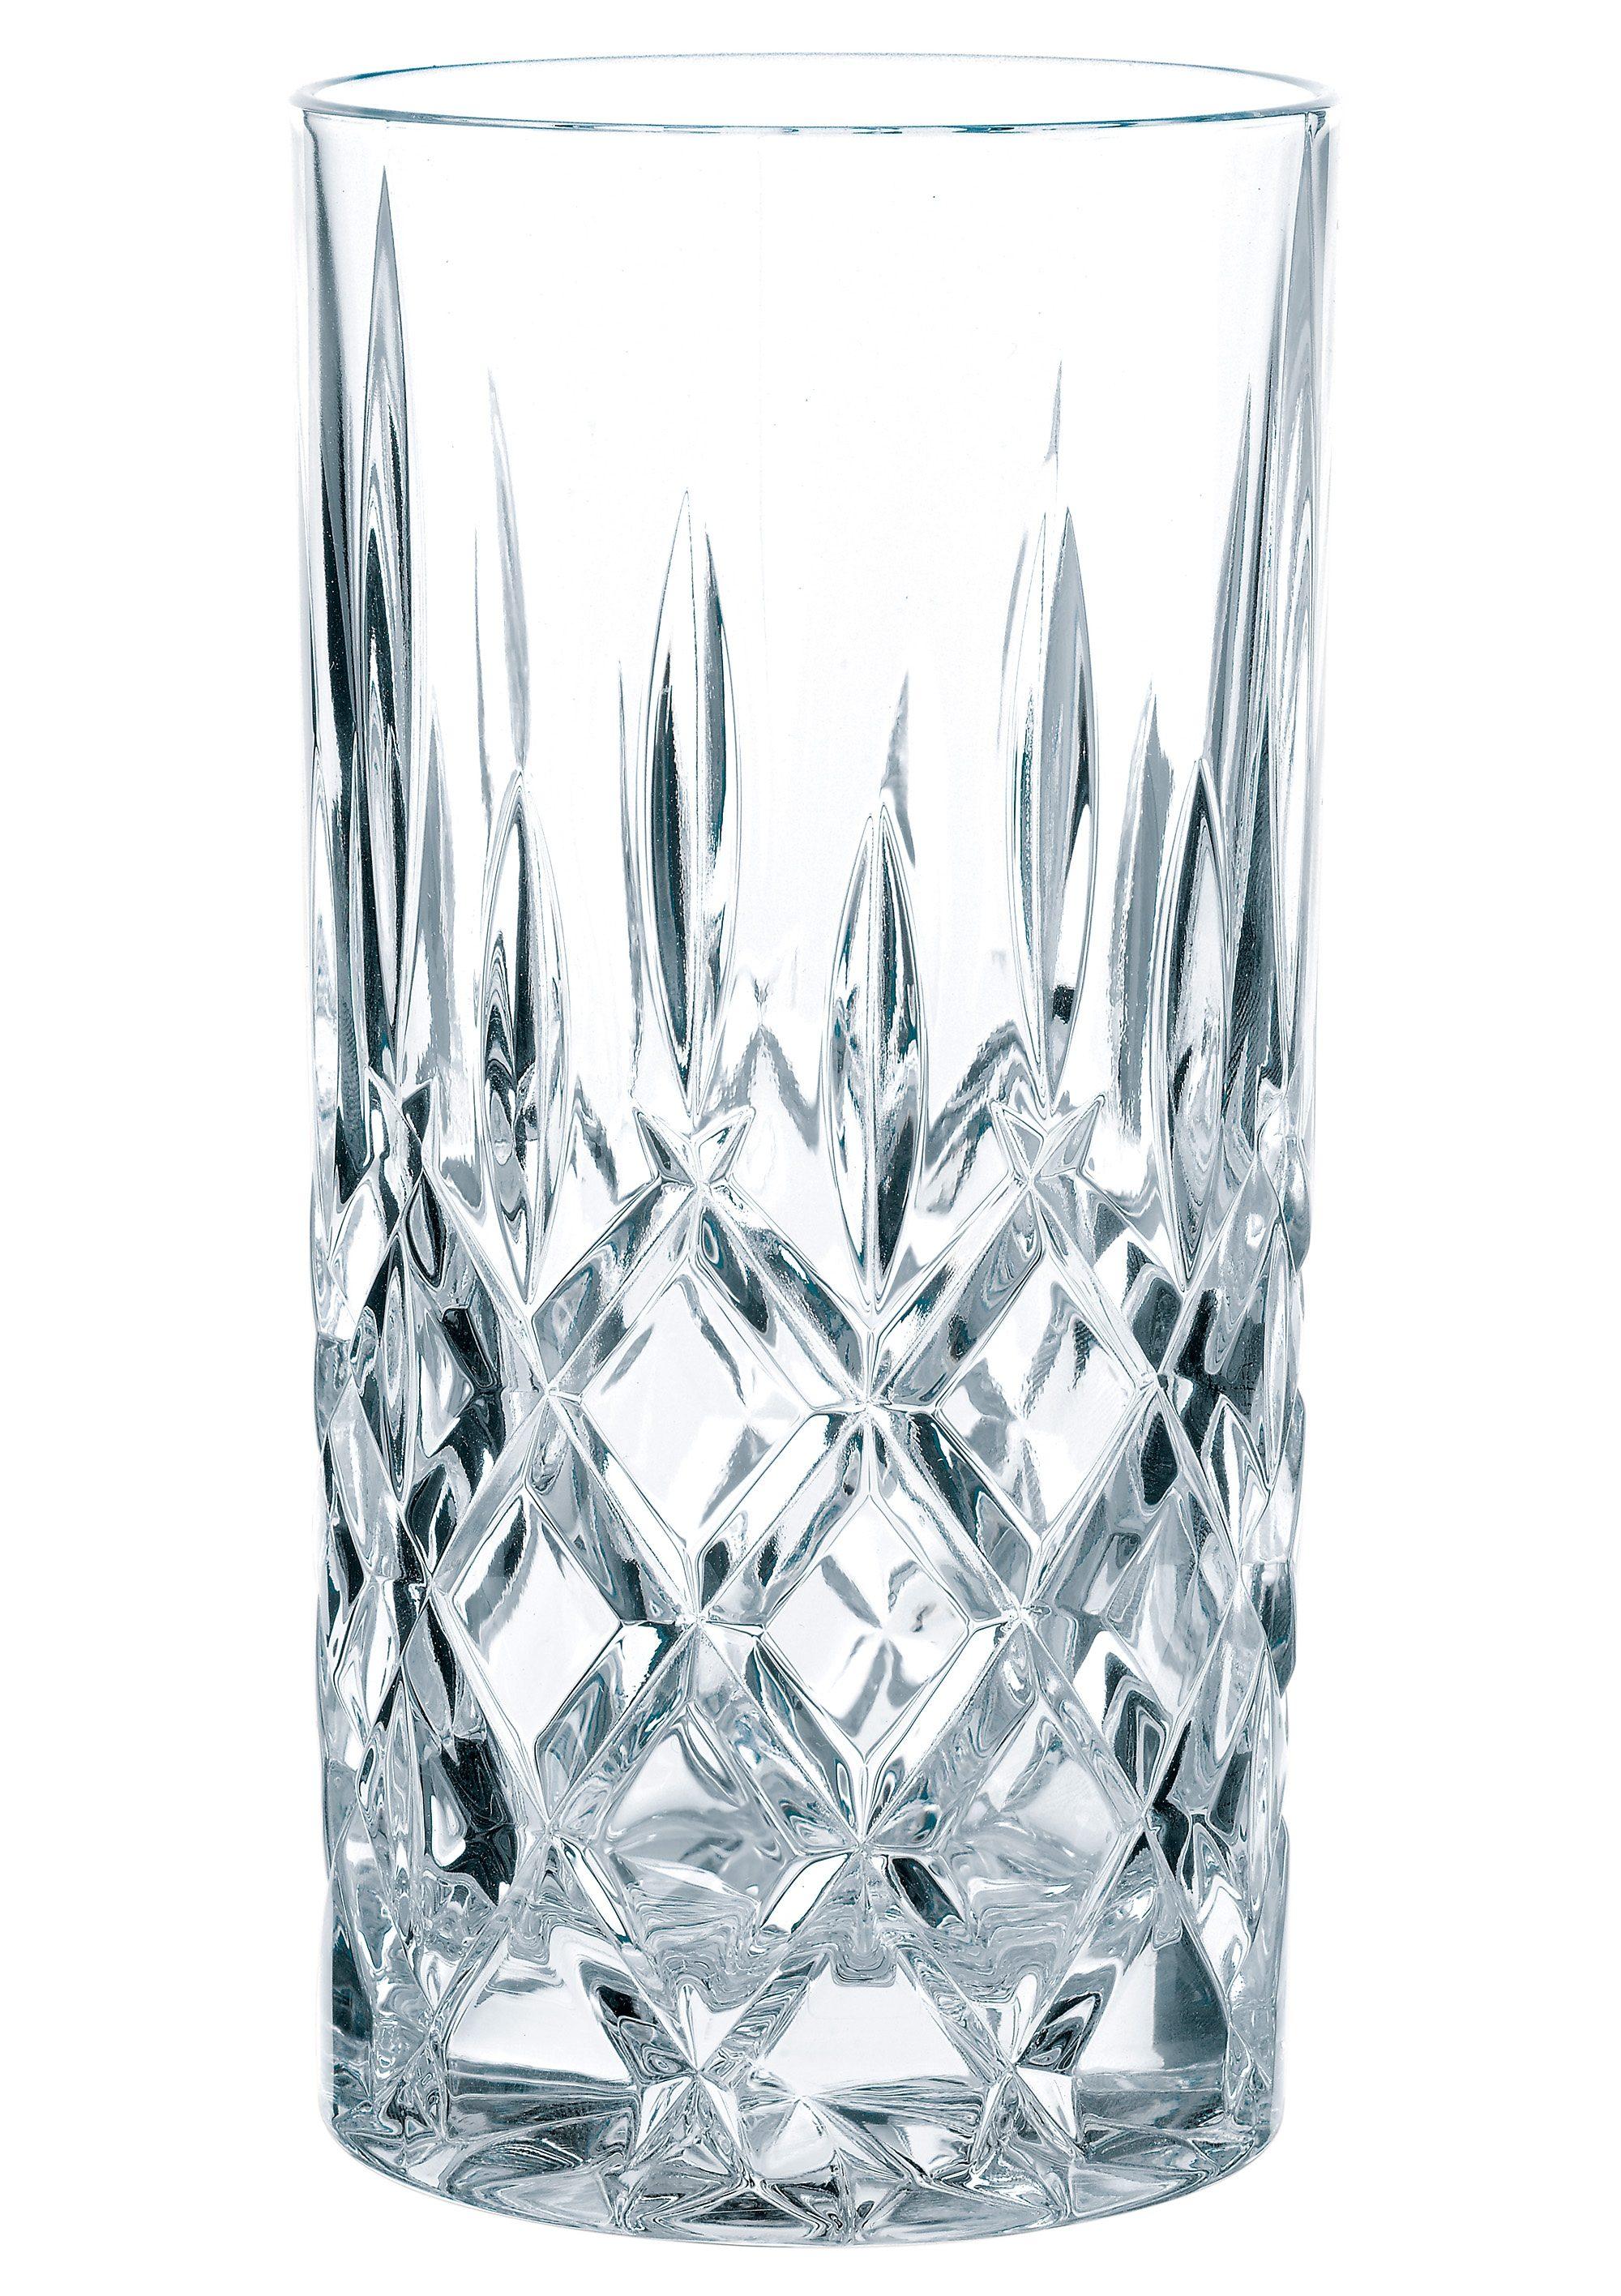 Nachtmann Longdrinkglas Noblesse, (Set, 4 tlg.), Kristallglas mit edlem Schliff farblos Kristallgläser Gläser Glaswaren Haushaltswaren